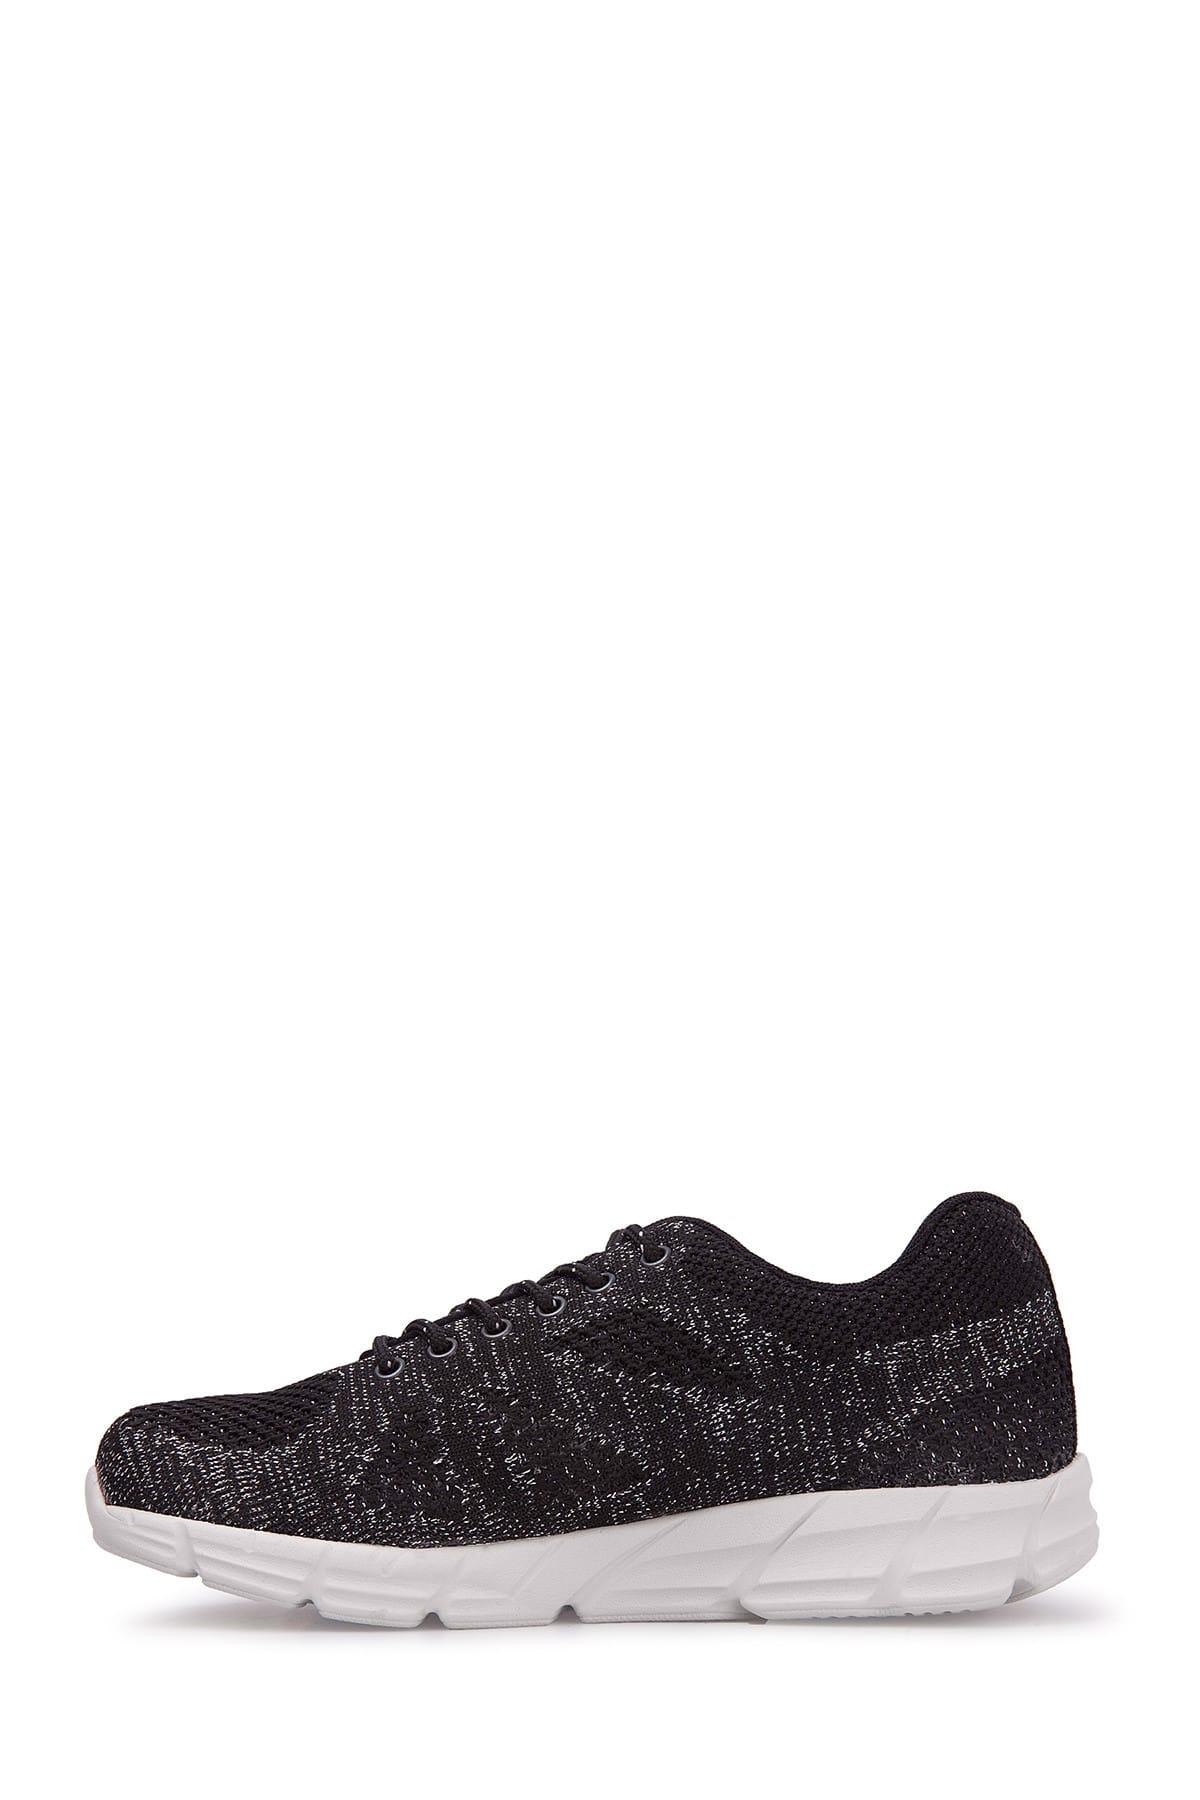 Scooter Siyah Gümüş Kadın Sneaker G5437 2